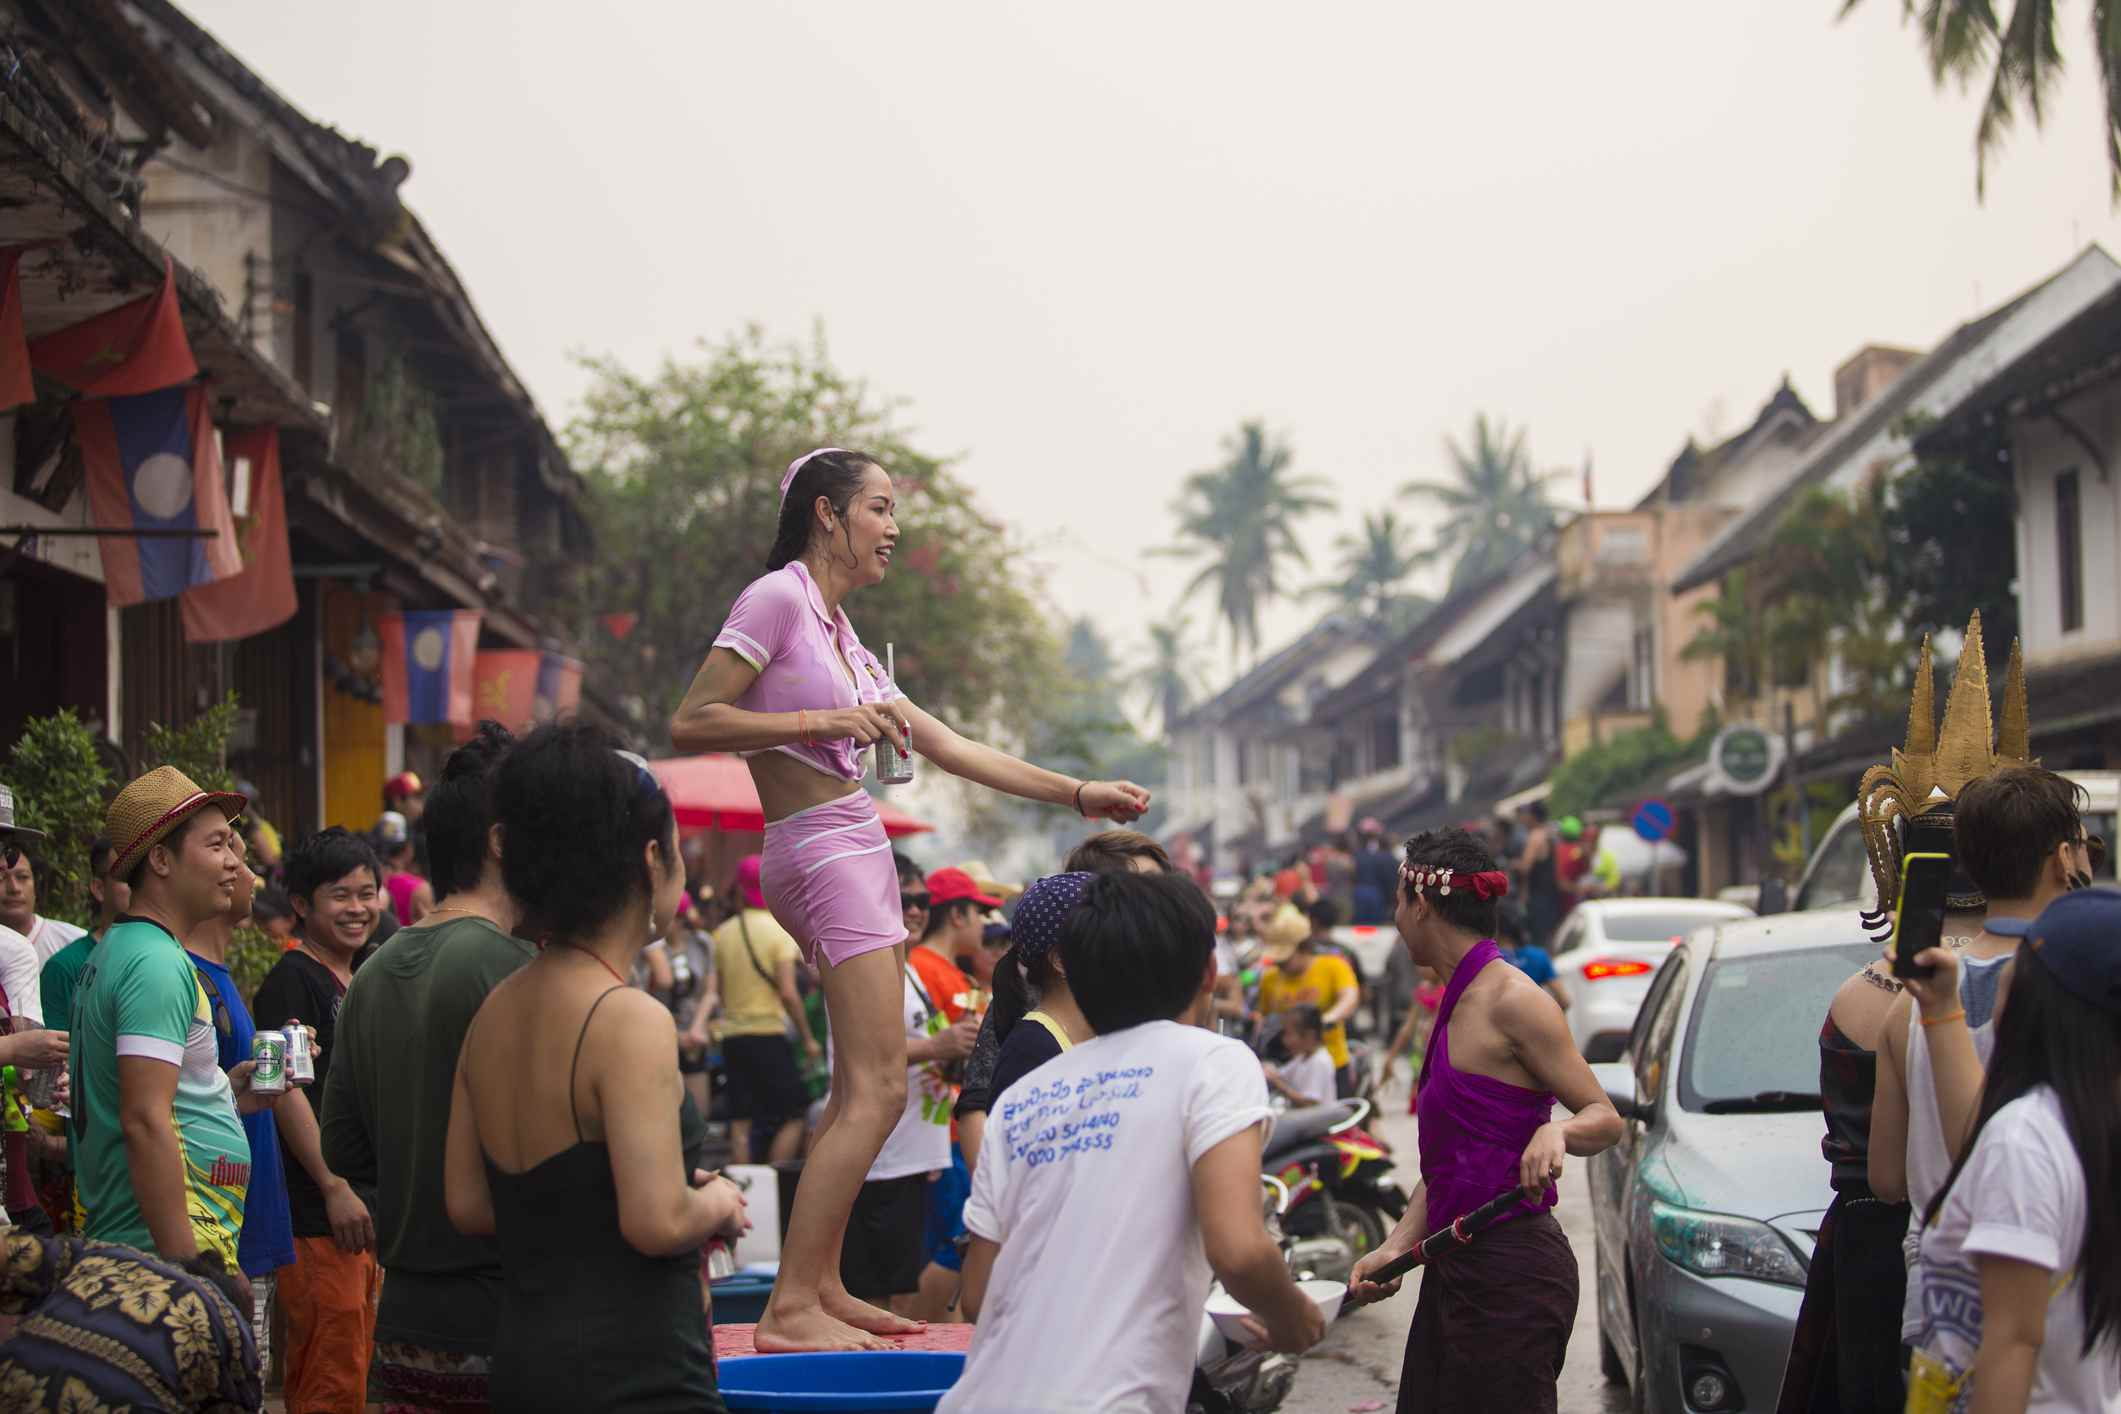 Tourists splashing each other in Luang Prabang